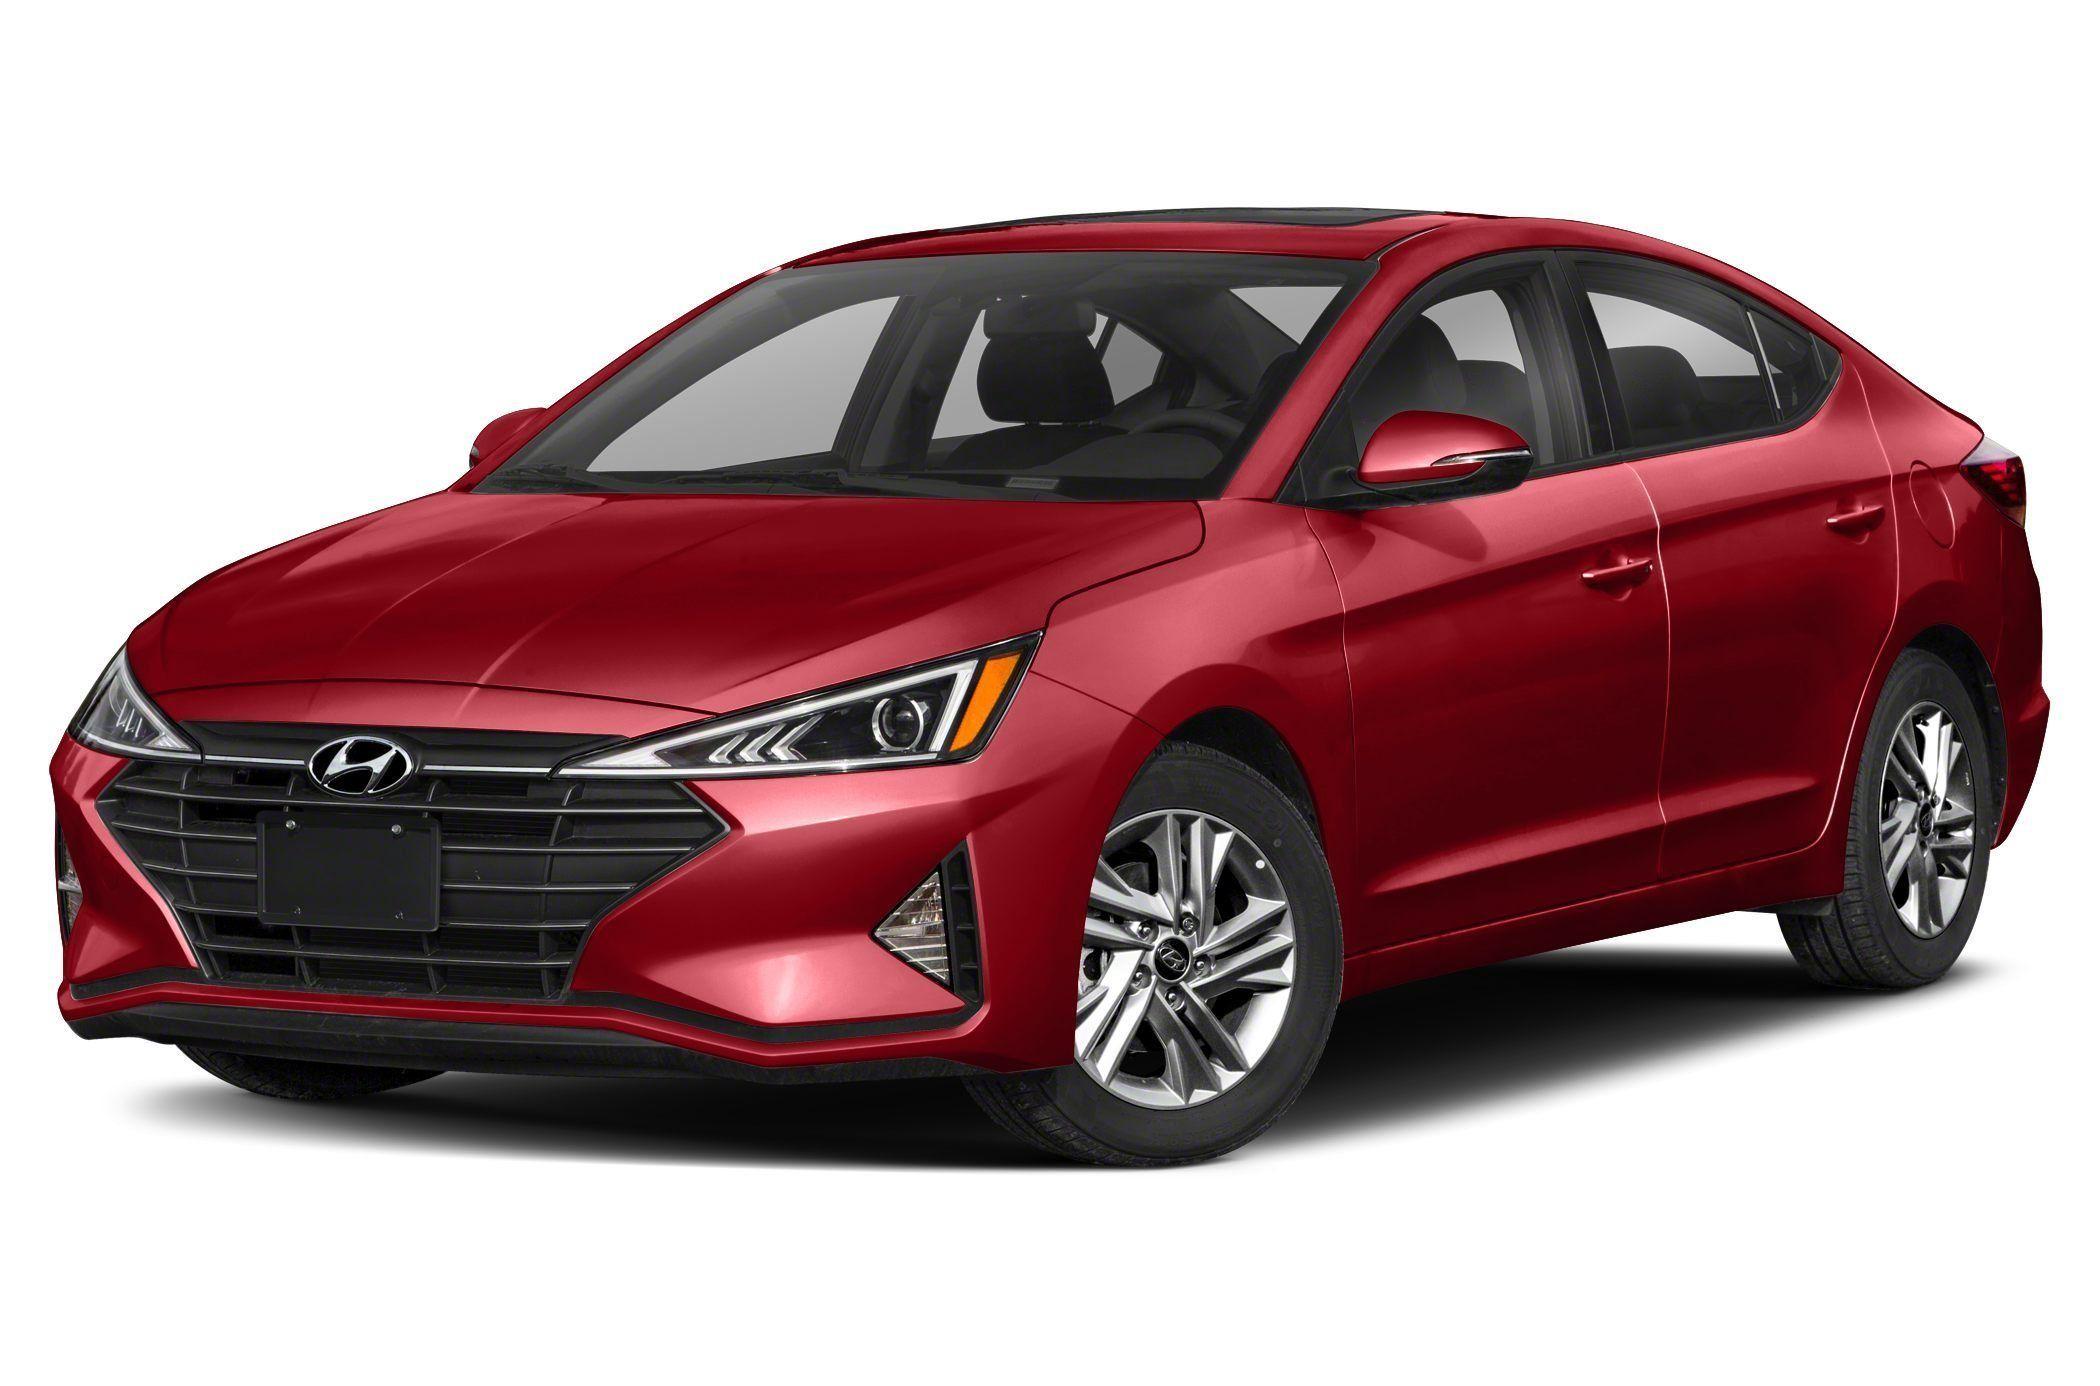 2021 Hyundai Elantra Sedan Price Design And Review In 2020 Hyundai Elantra